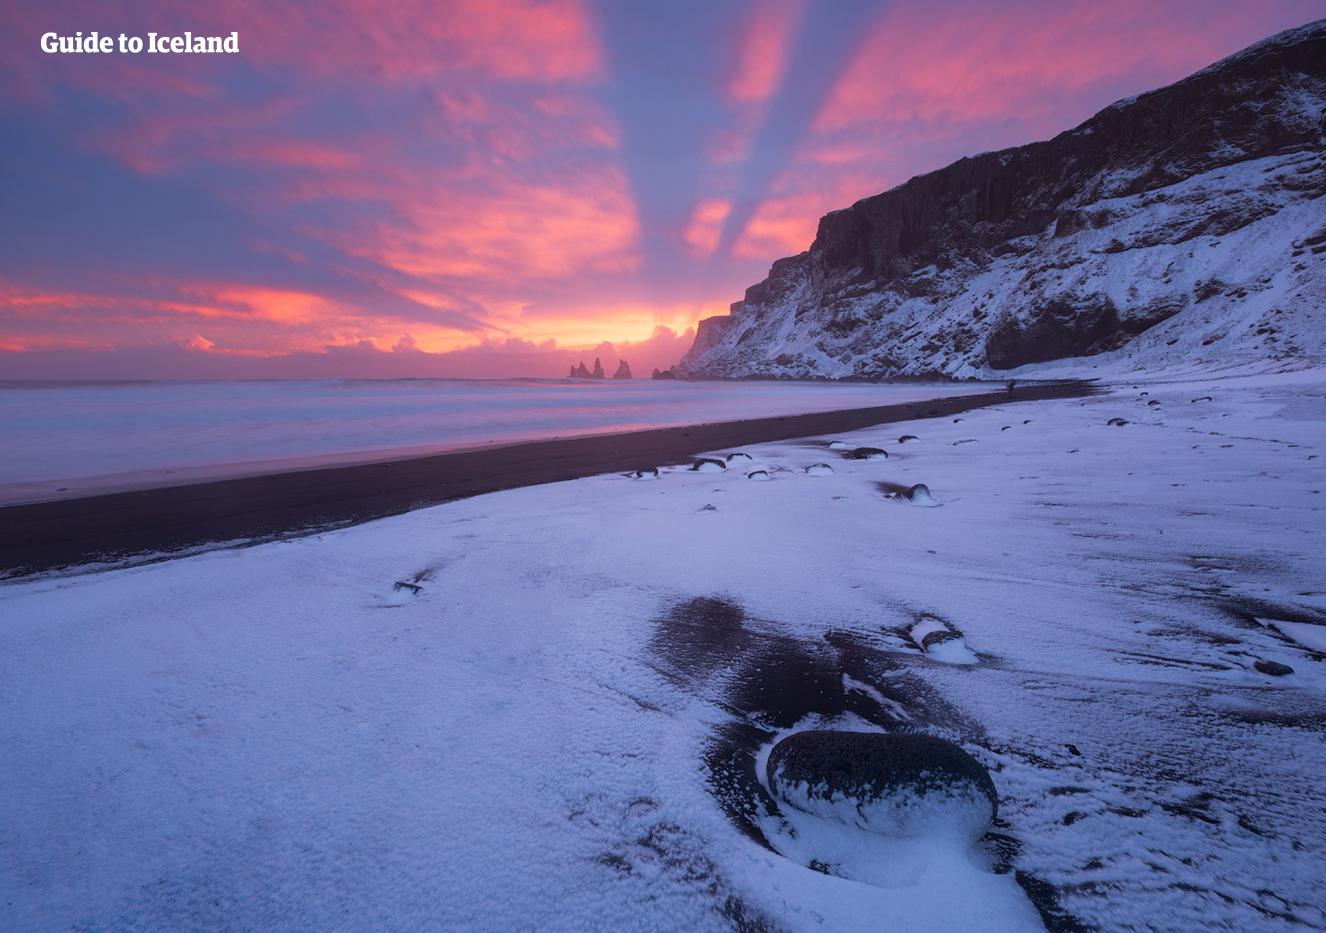 Черный вулканический пляж Рейнисфьяра зимой.